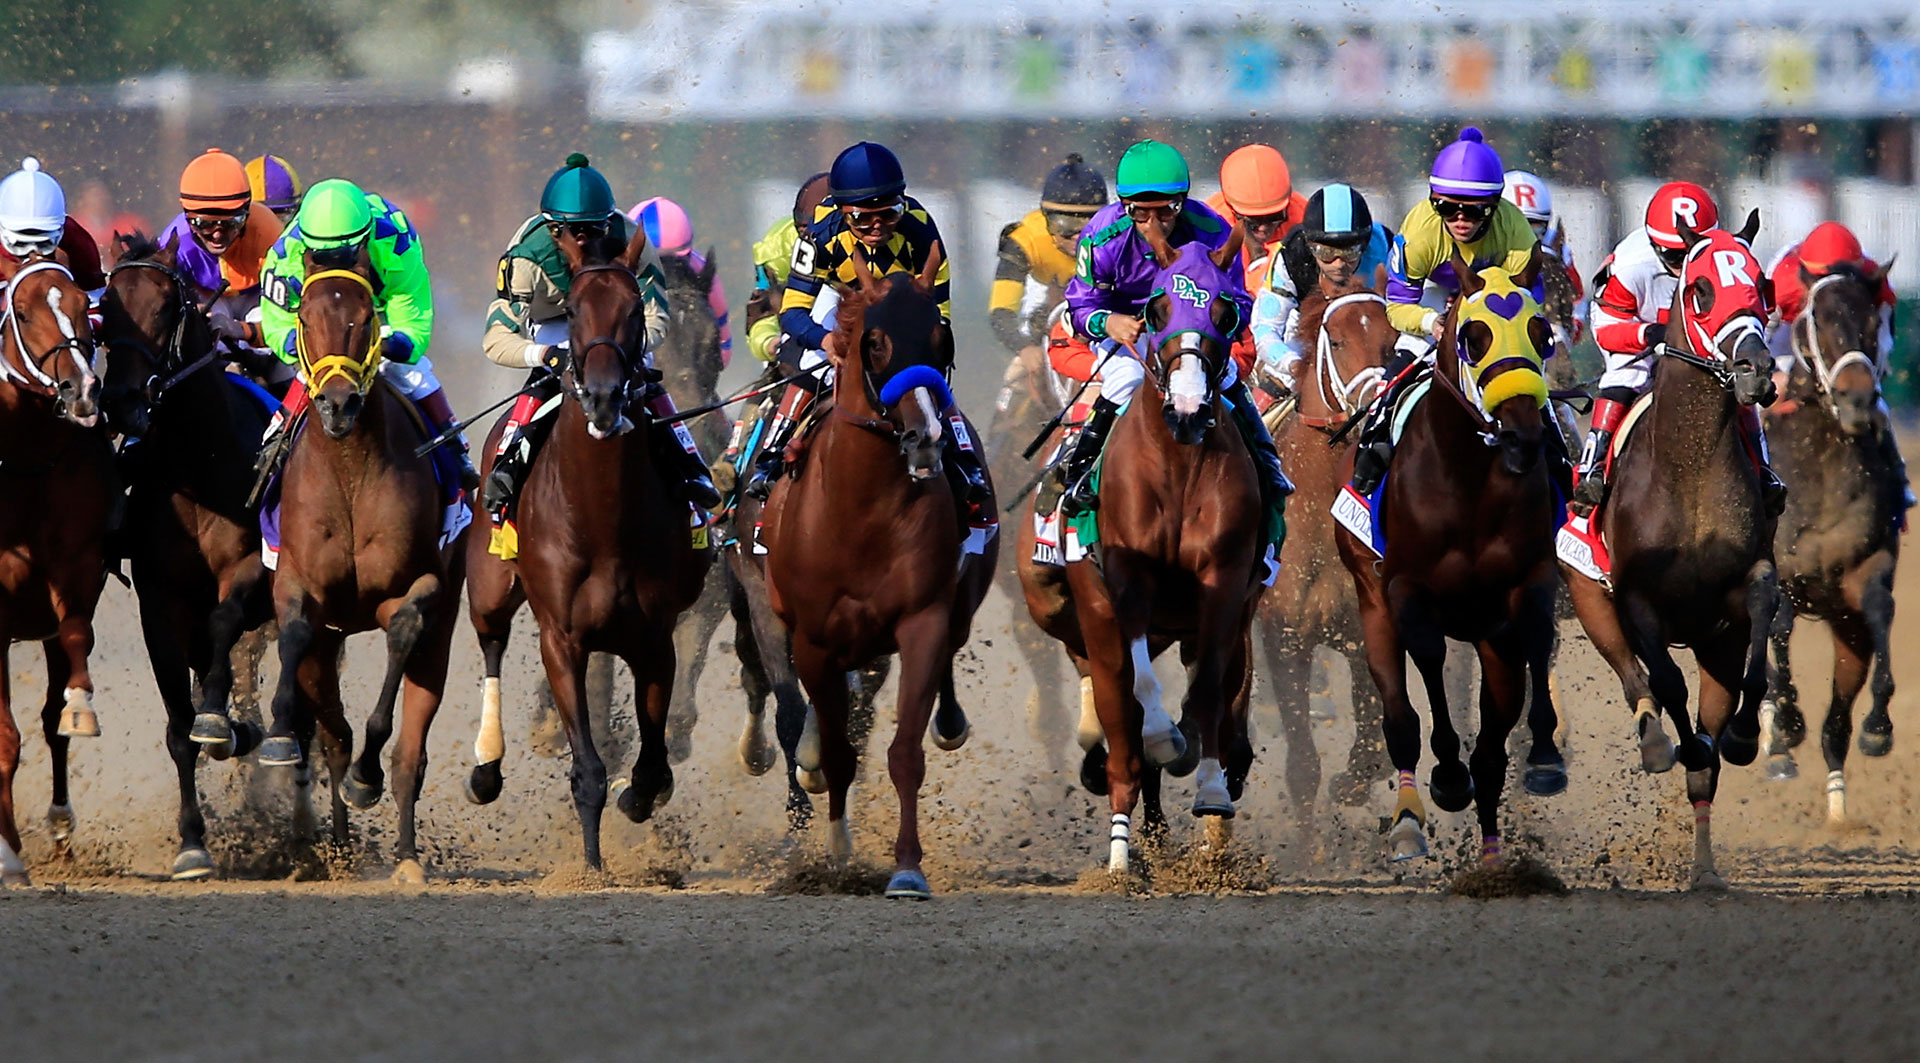 derby running